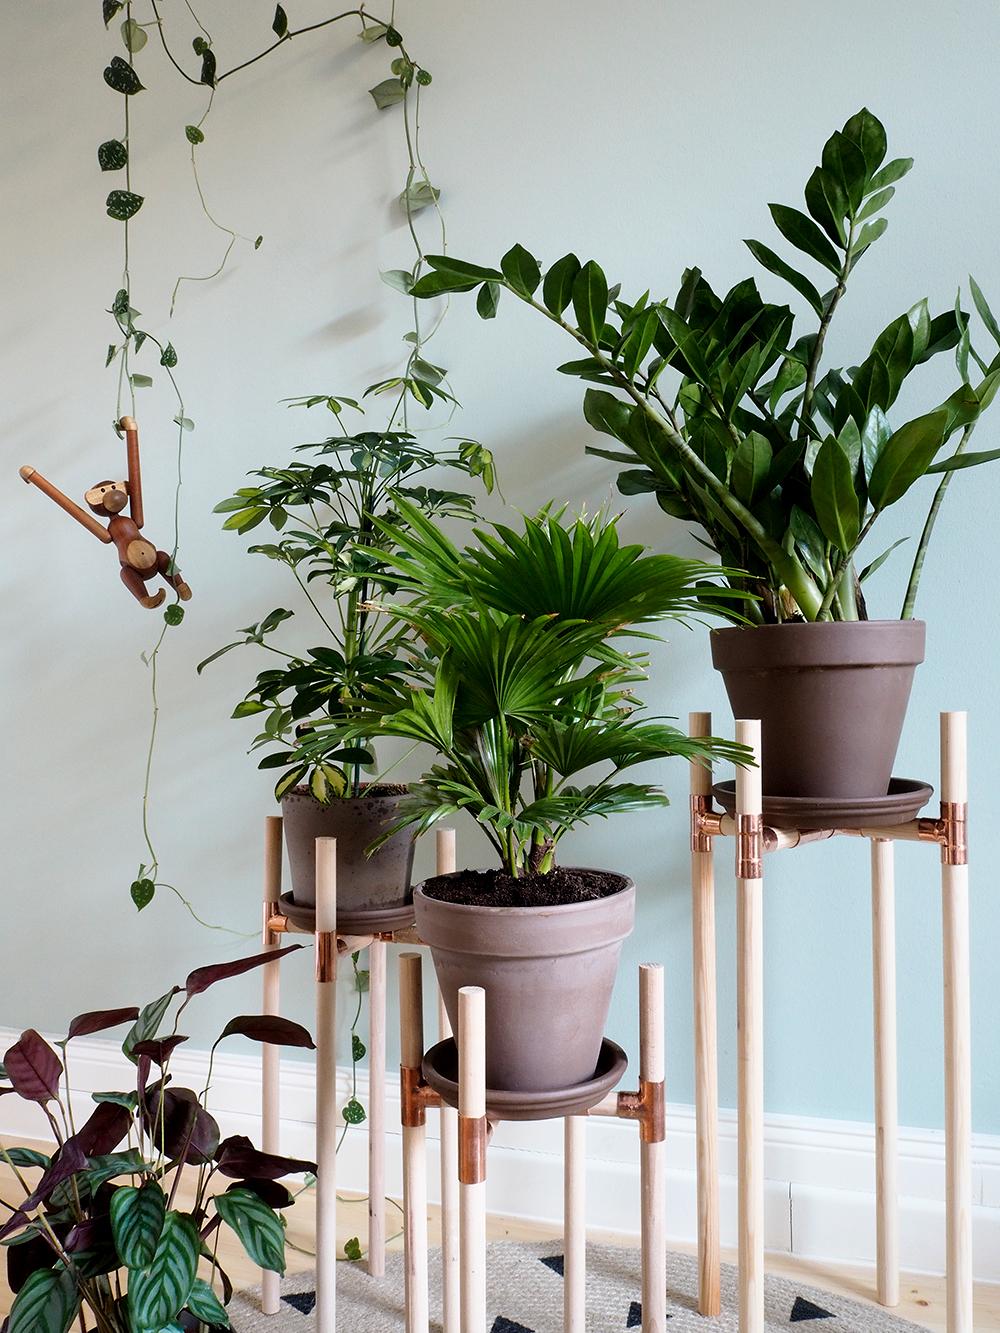 DIY Pflanzenständer aus Kupfer und Holz - www.craftifair.de